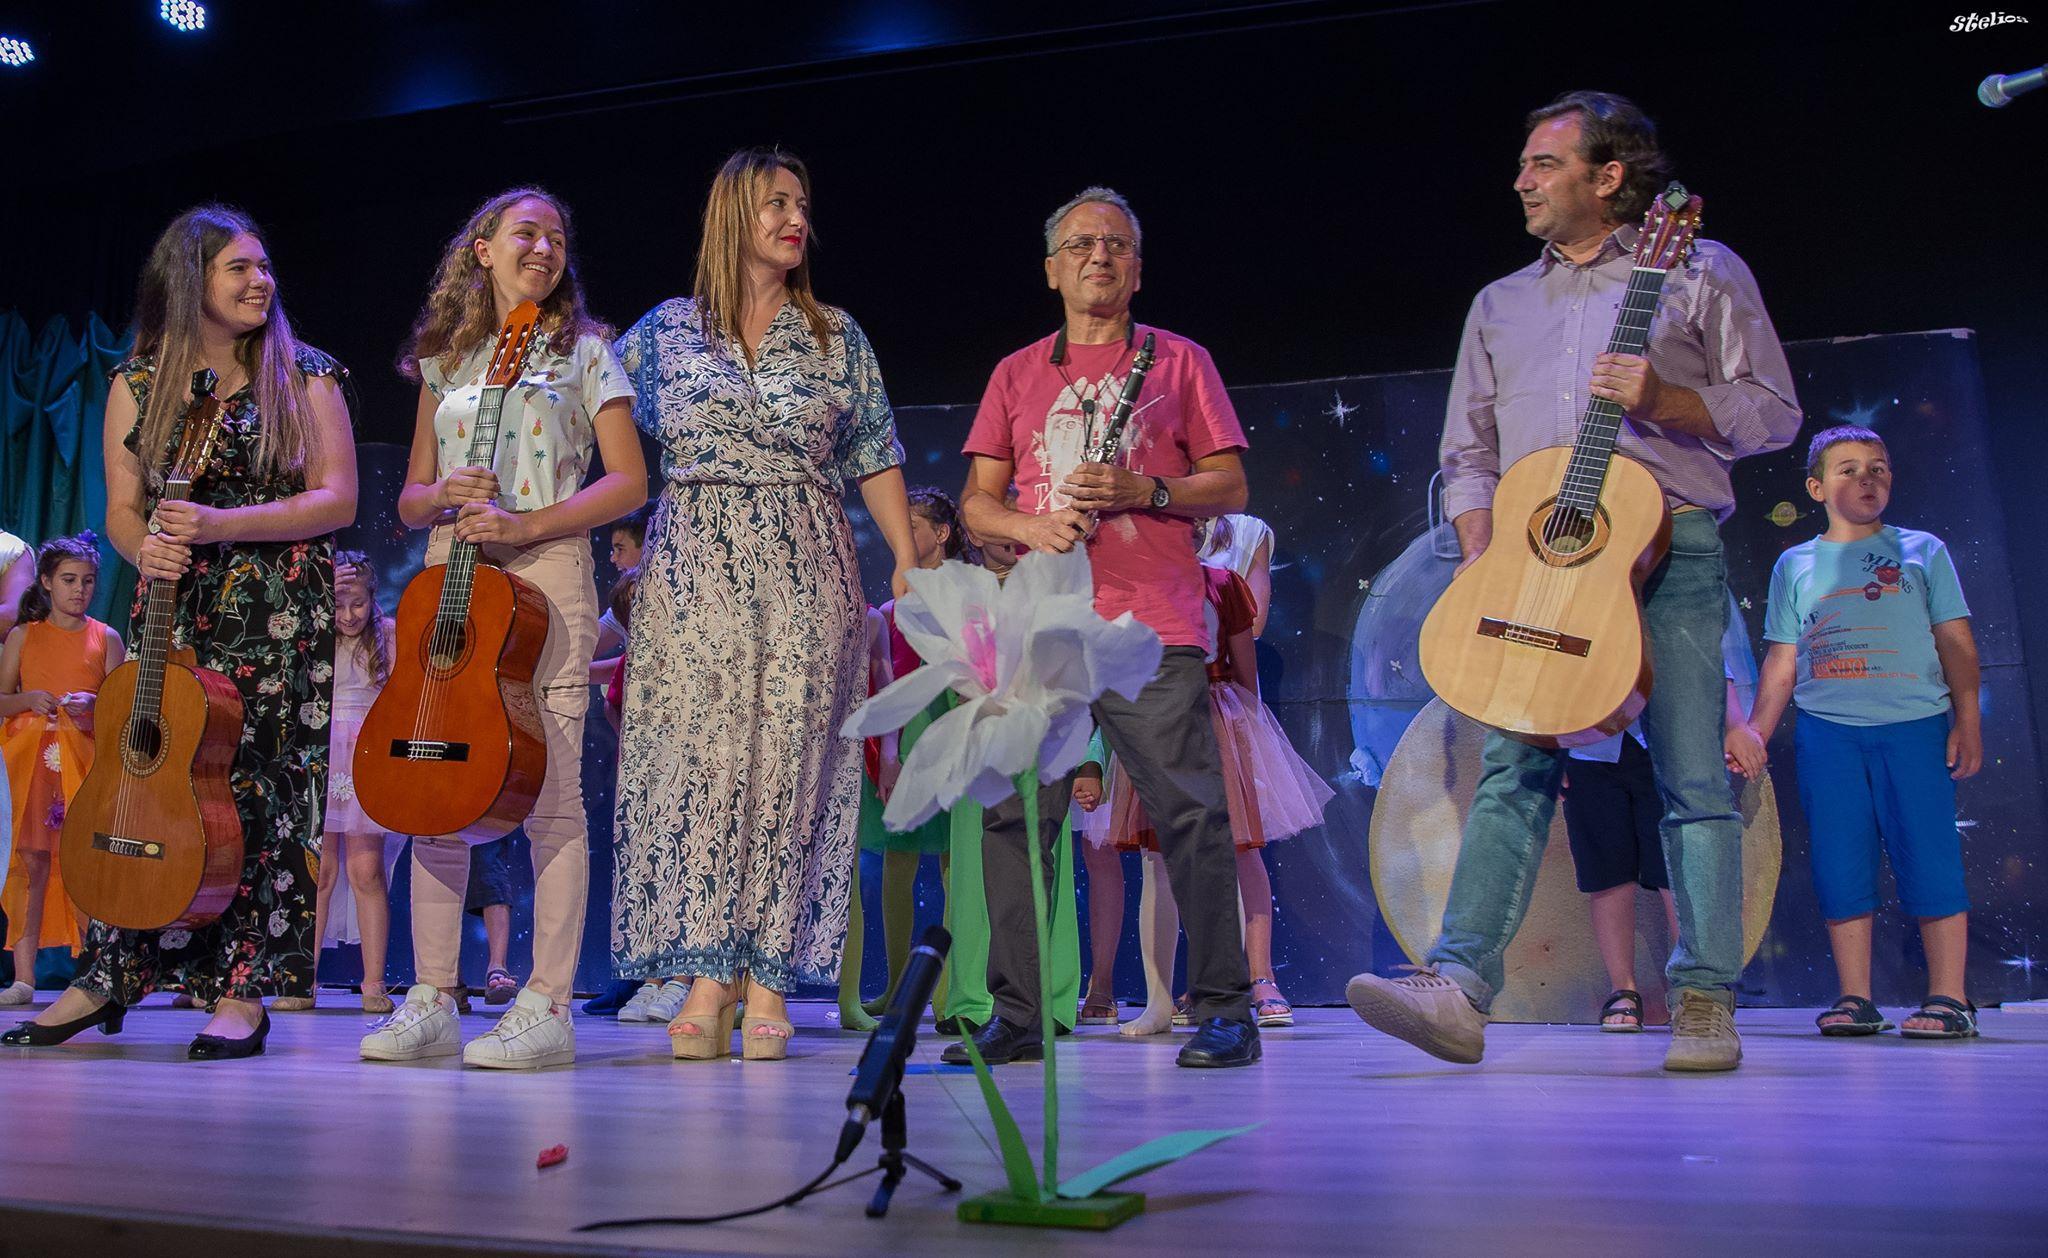 10 Ιουνίου 2018 εκδήλωση του Καλλιτεχνικού «Εργαστηρίου Ονείρων» Σαν Παραμύθι